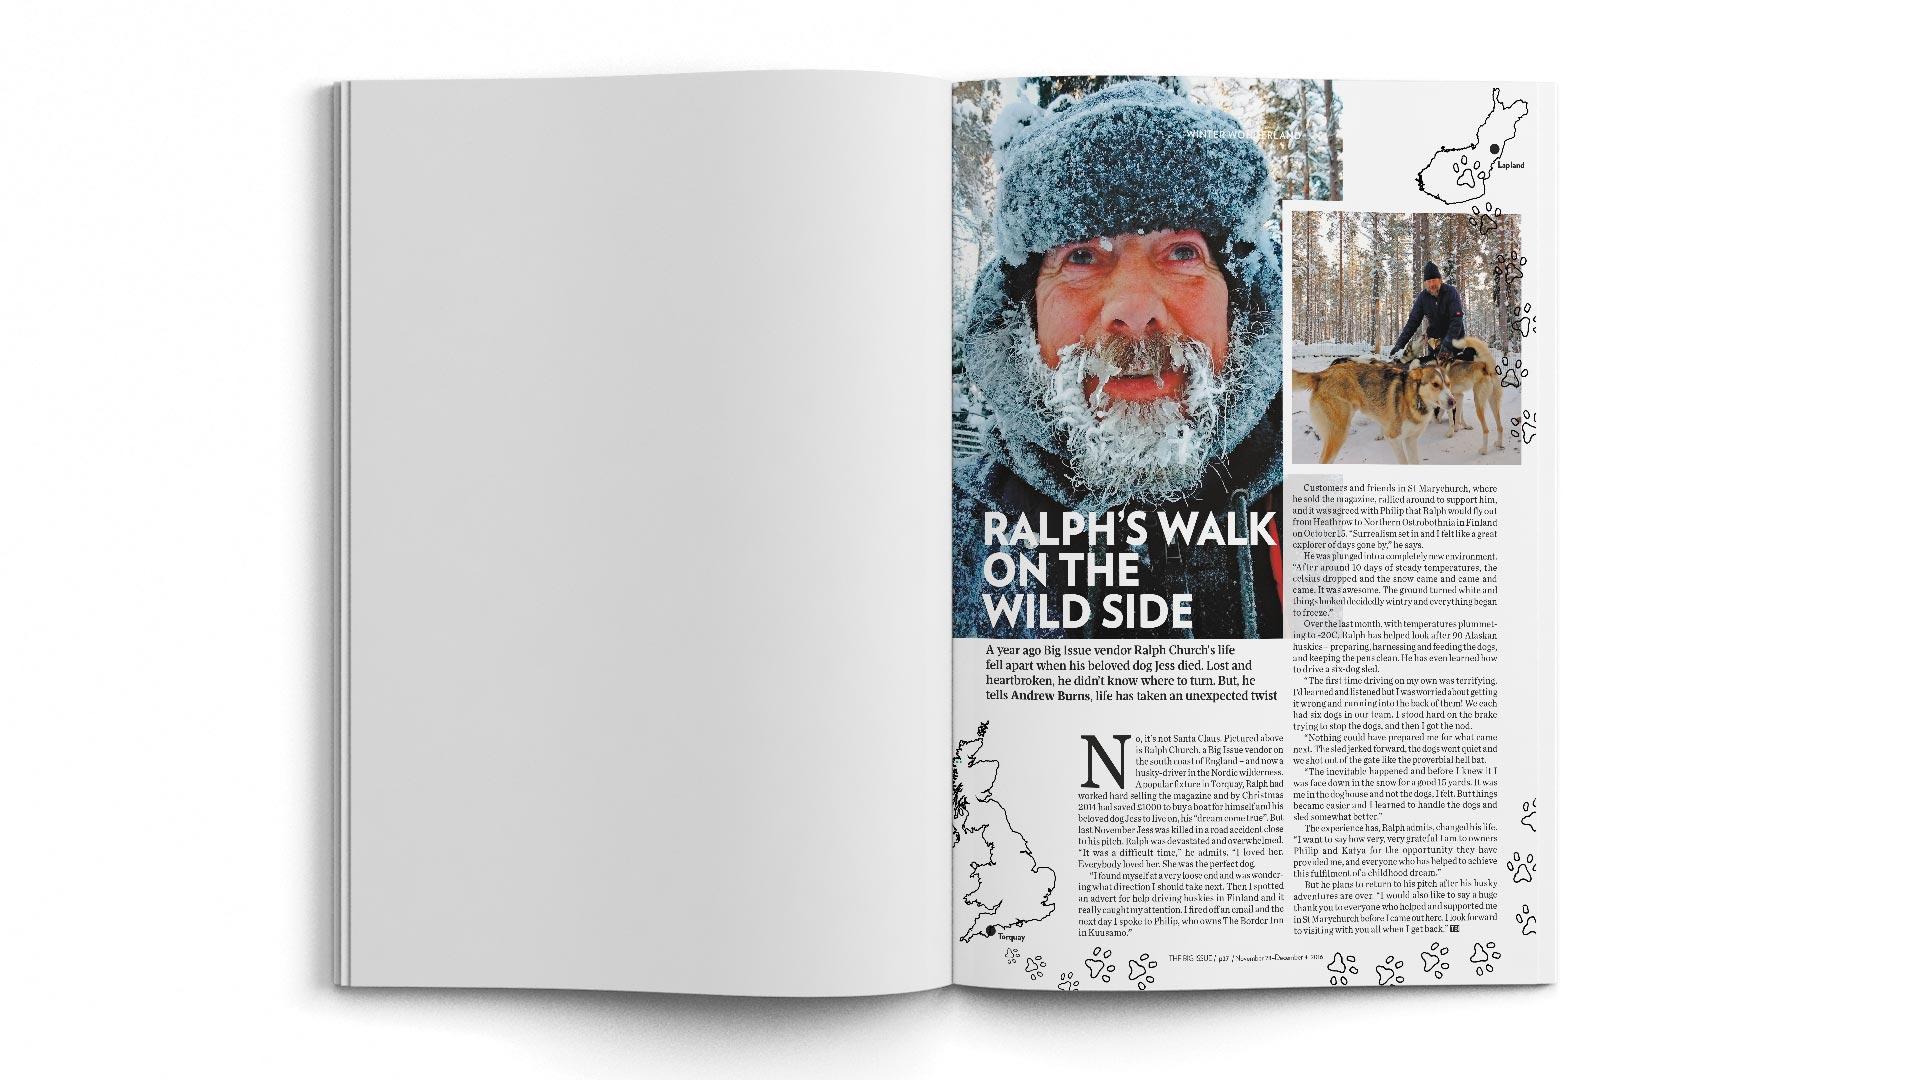 A4-Magazine-DPS-TBI-Xmas-vendor-dogs-4